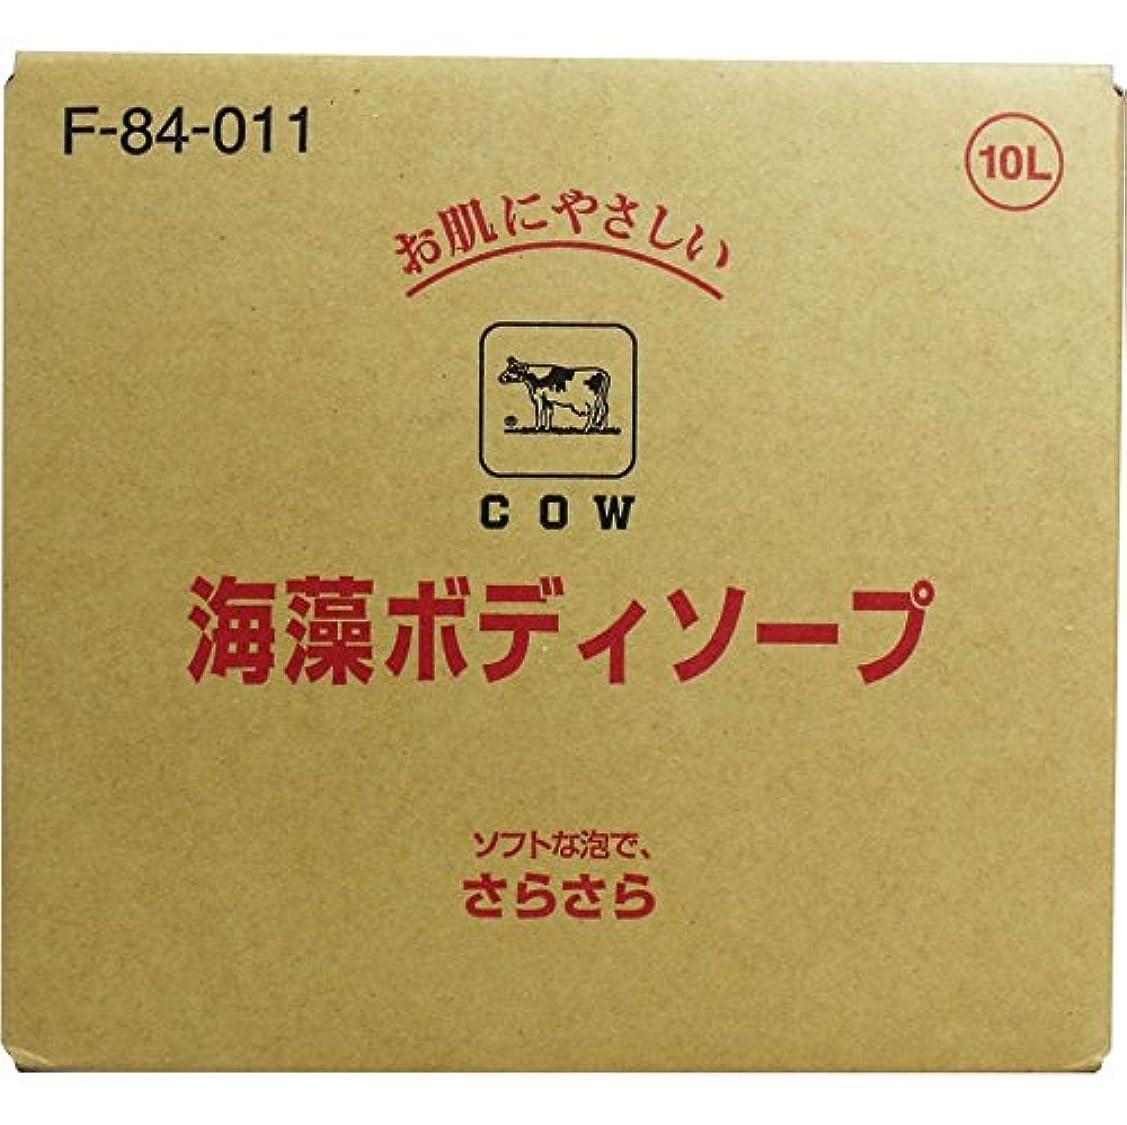 共役液体会話型ボディ 石けん詰め替え さらさらした洗い心地 便利商品 牛乳ブランド 海藻ボディソープ 業務用 10L